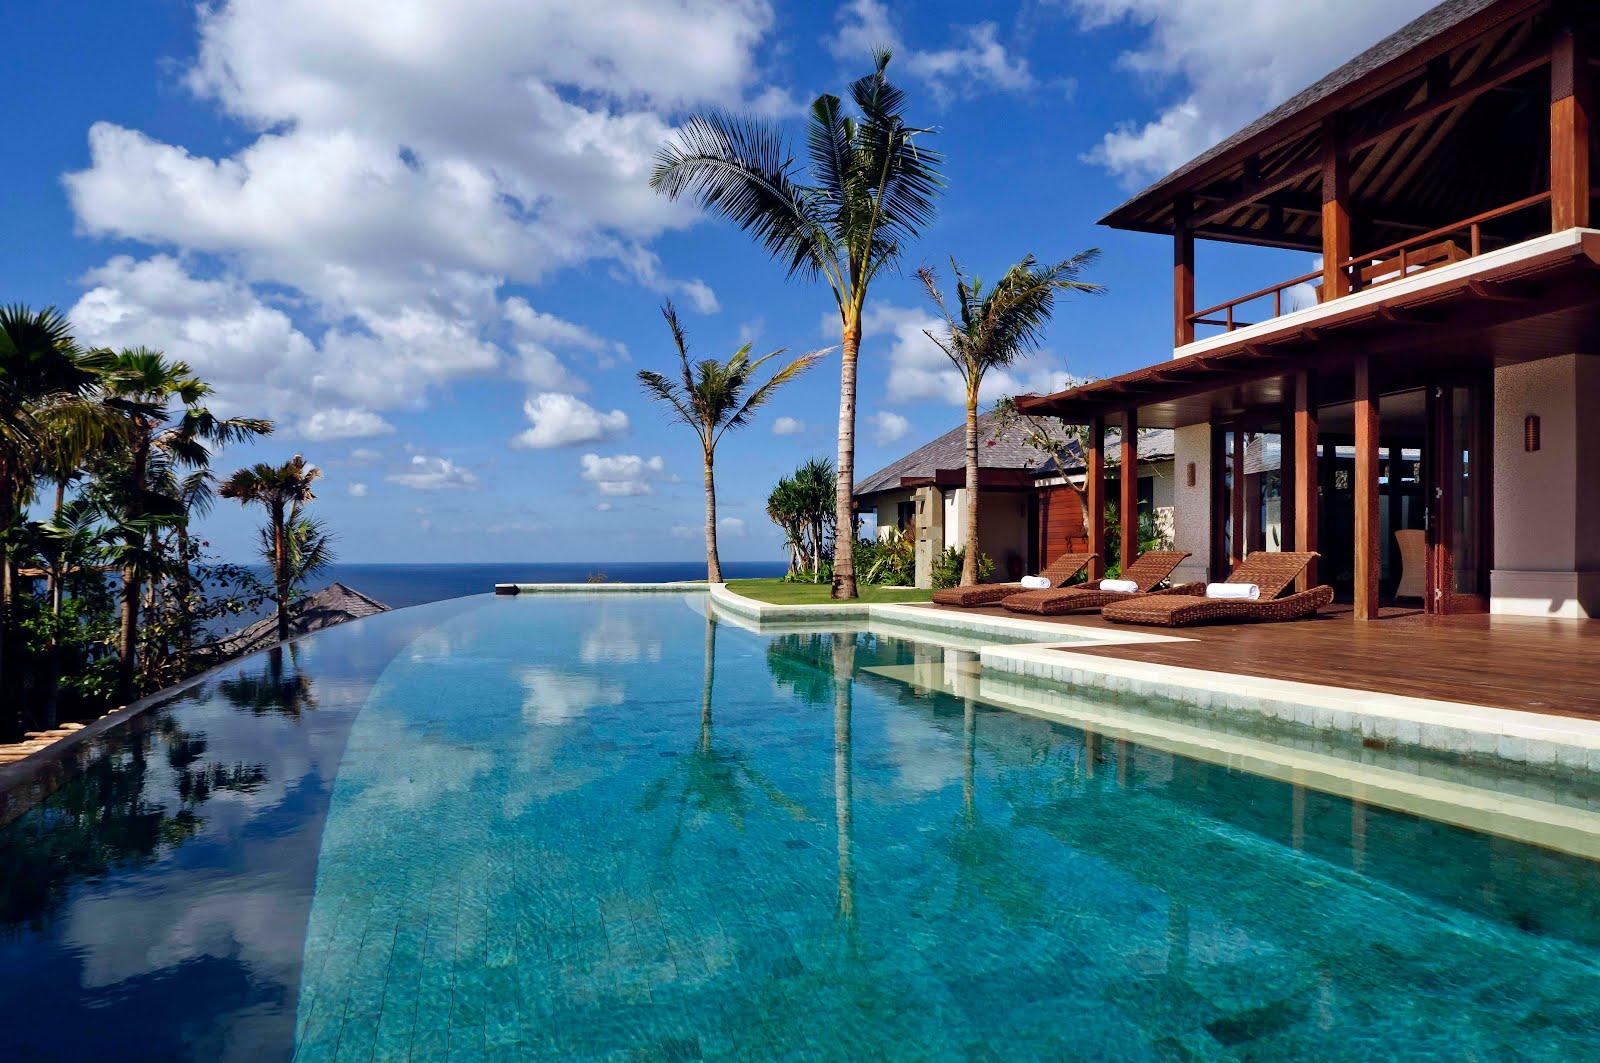 Купить квартиру недорого на берегу моря на тенерифе